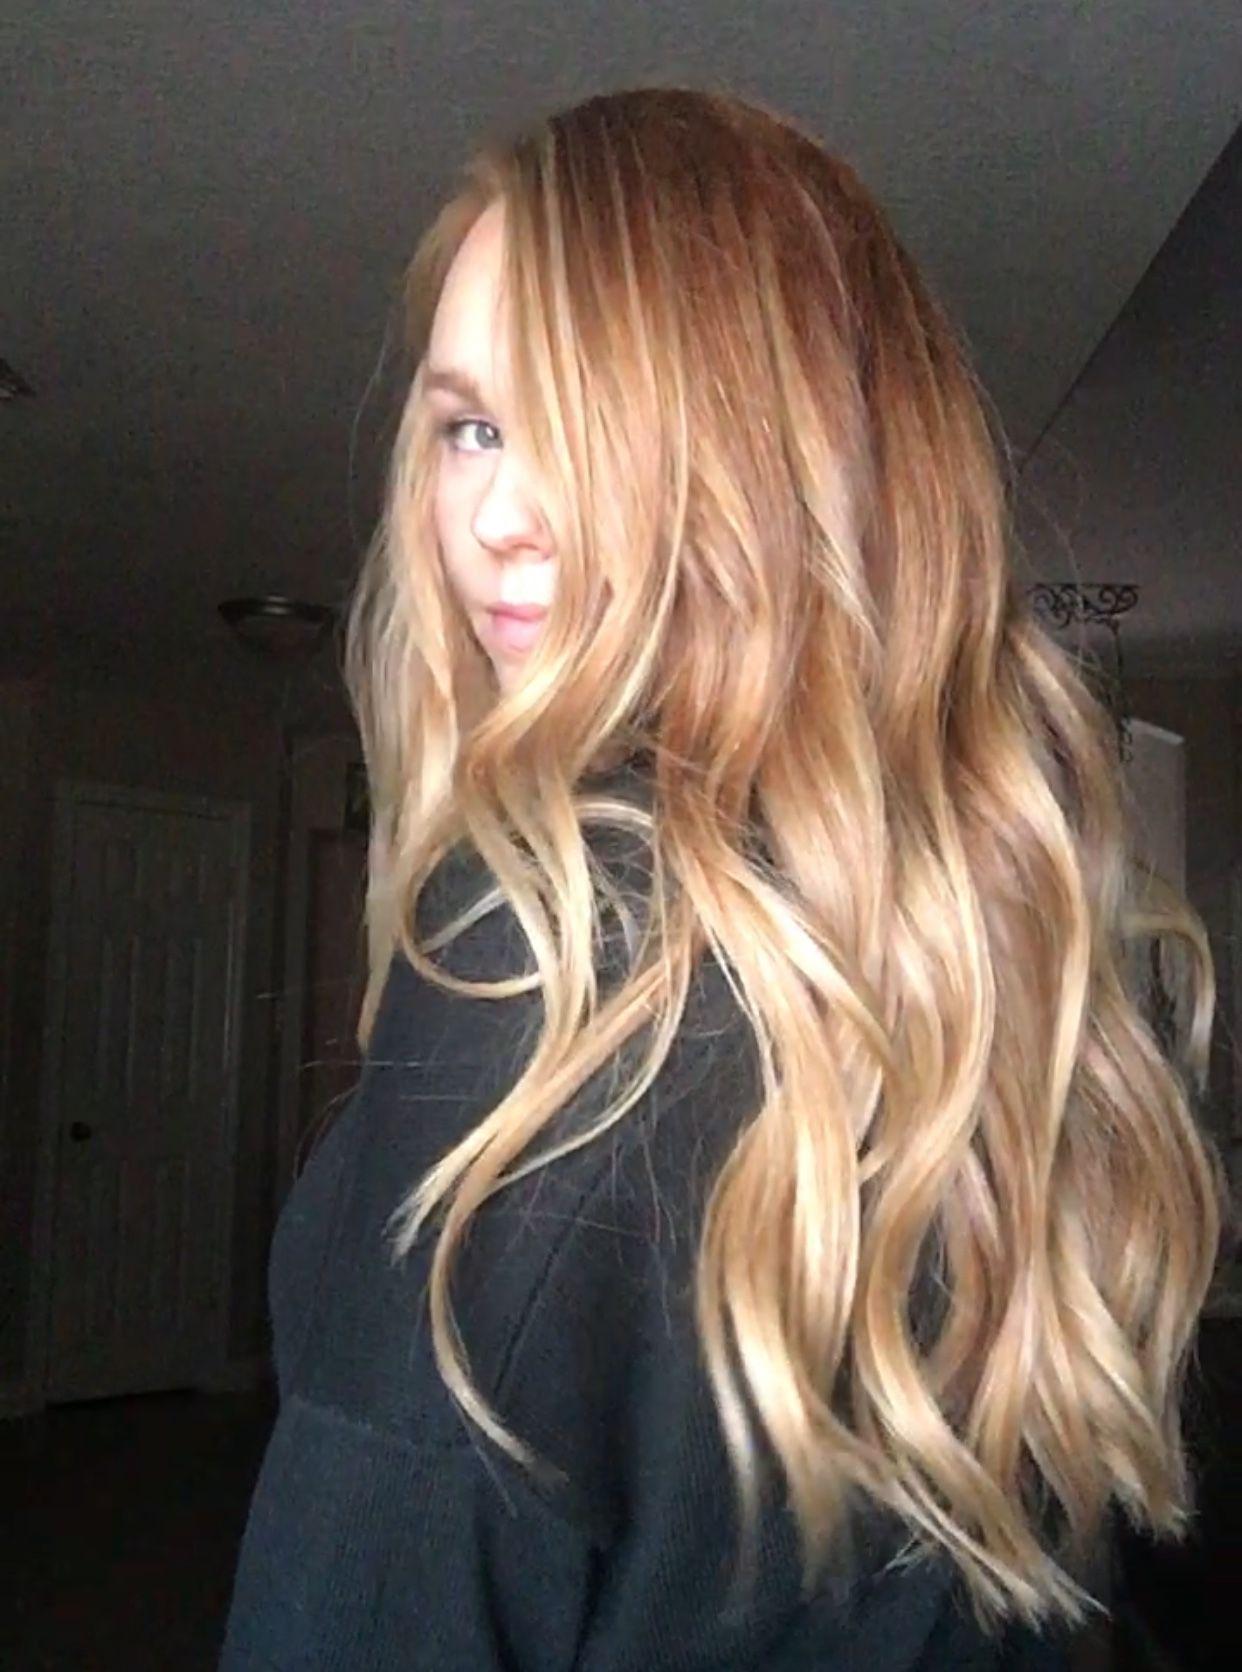 Natural Red W Blonde Balyage Balyage Blonde Natural Red In 2020 Red Blonde Hair Natural Red Hair Hair Highlights